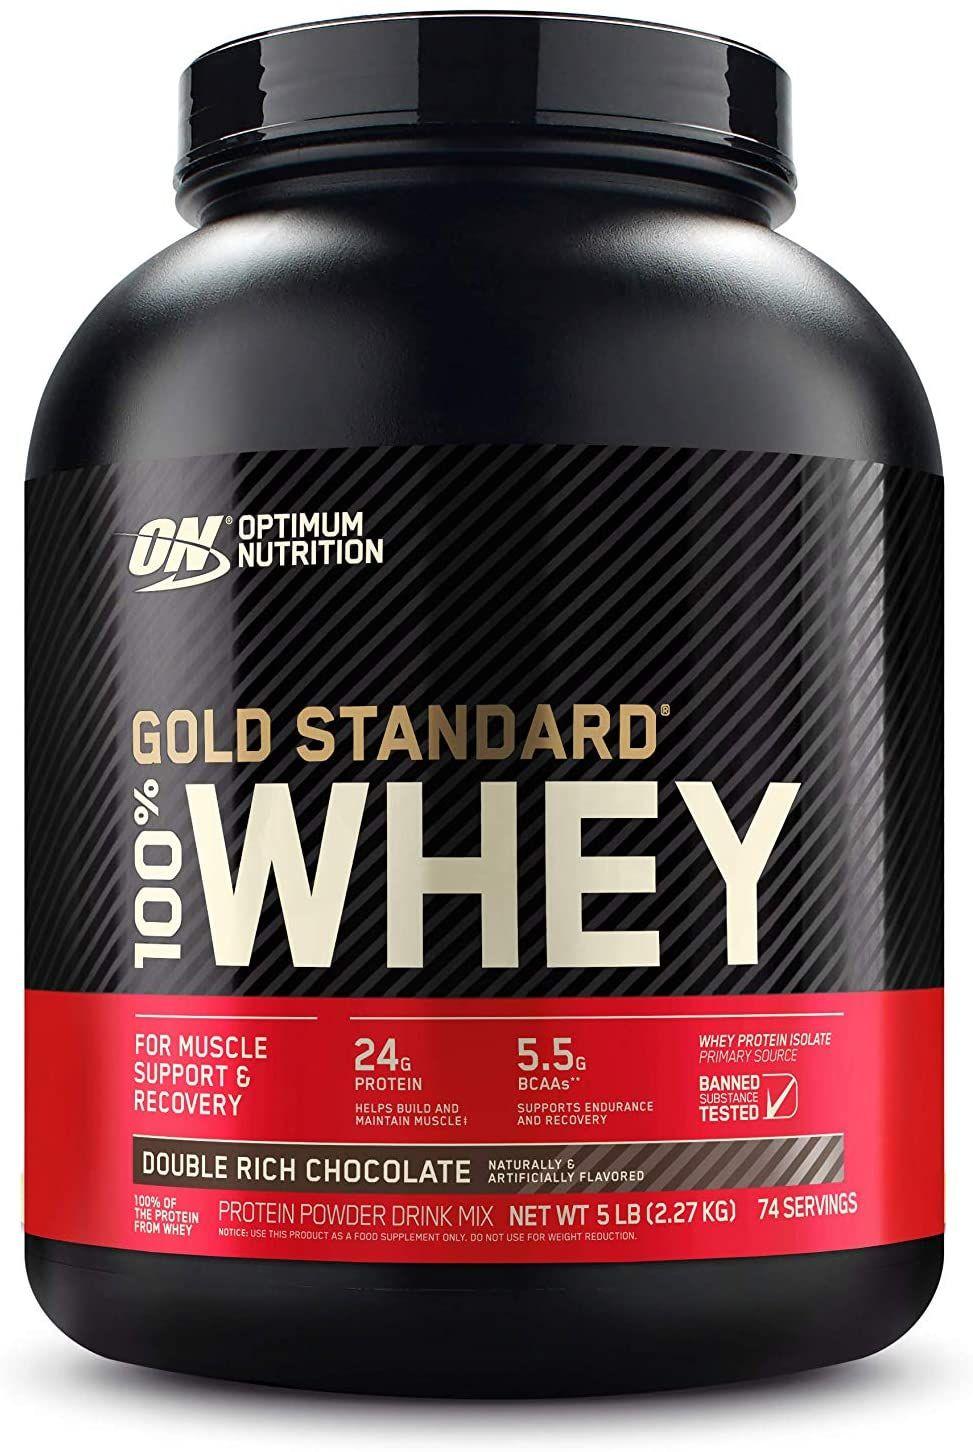 Whey Protein Powder In 2020 Optimum Nutrition Gold Standard Best Whey Protein Optimum Nutrition